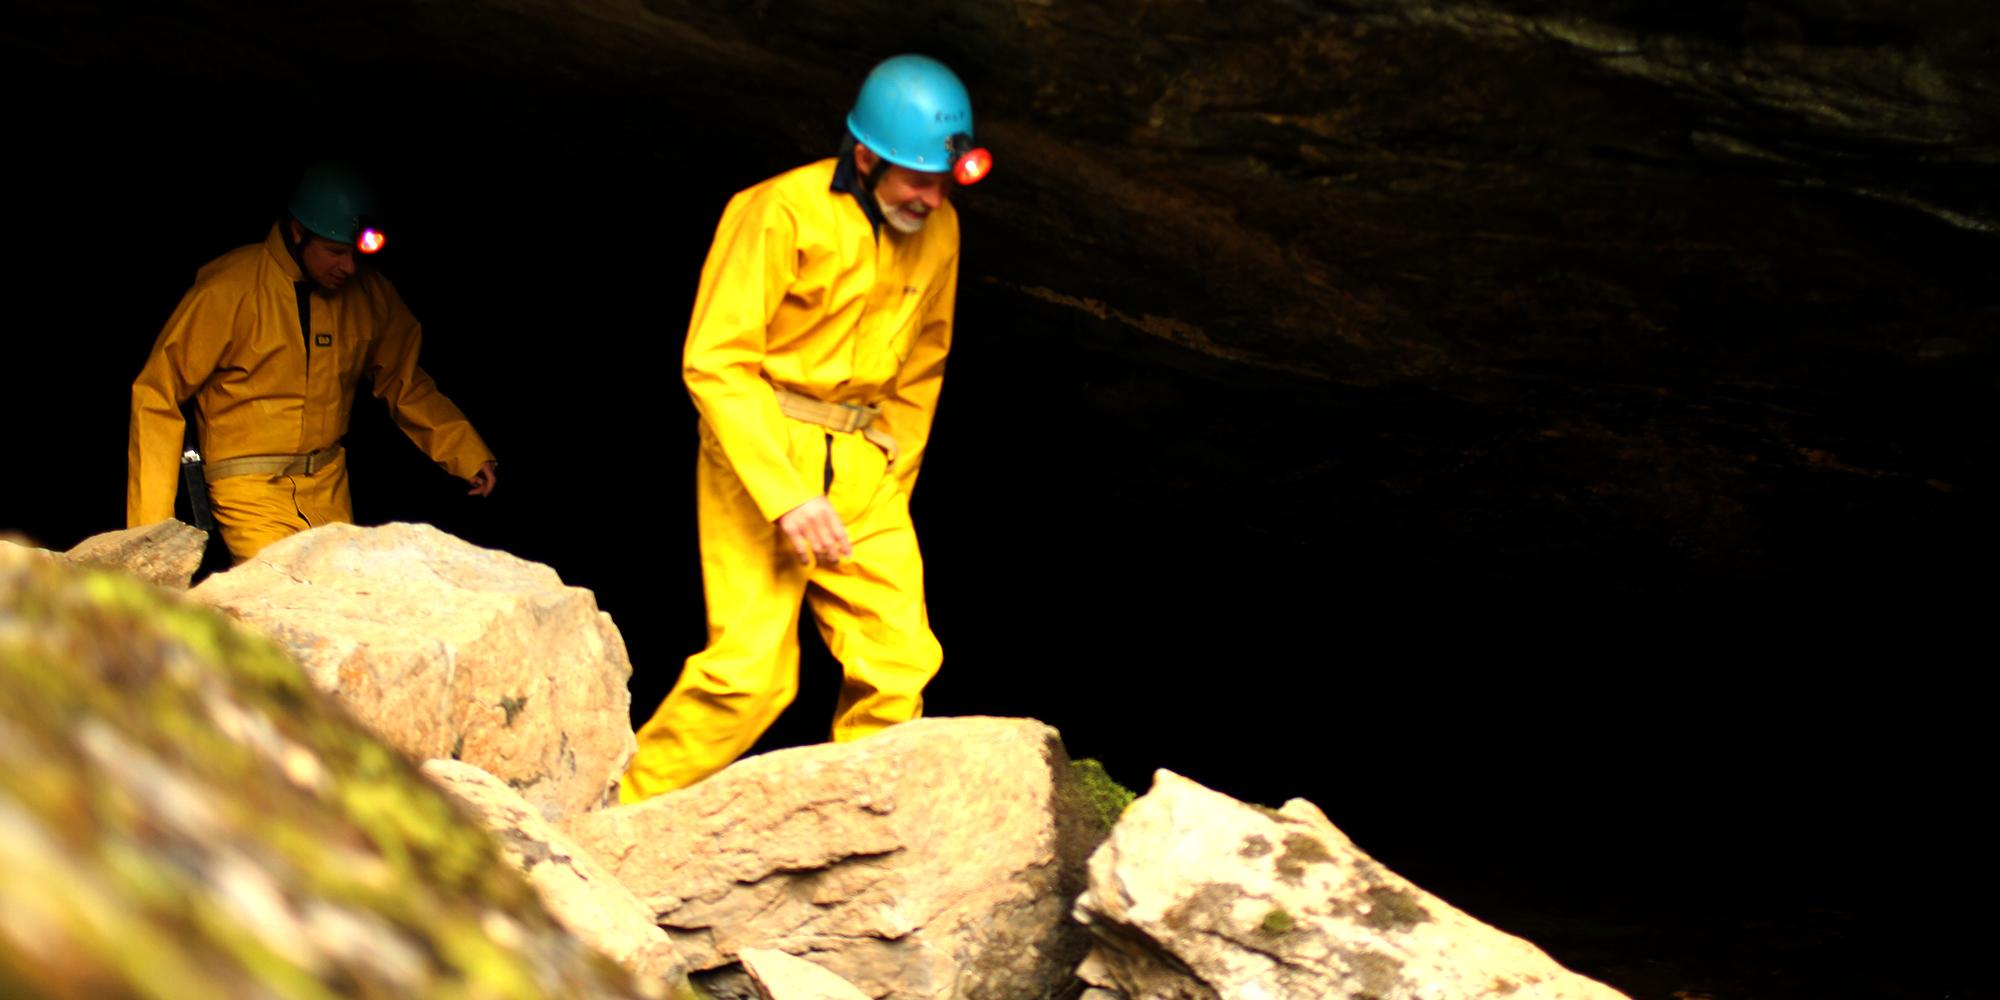 Limestone caves at Mokk farm. Copyright: Mokk gård